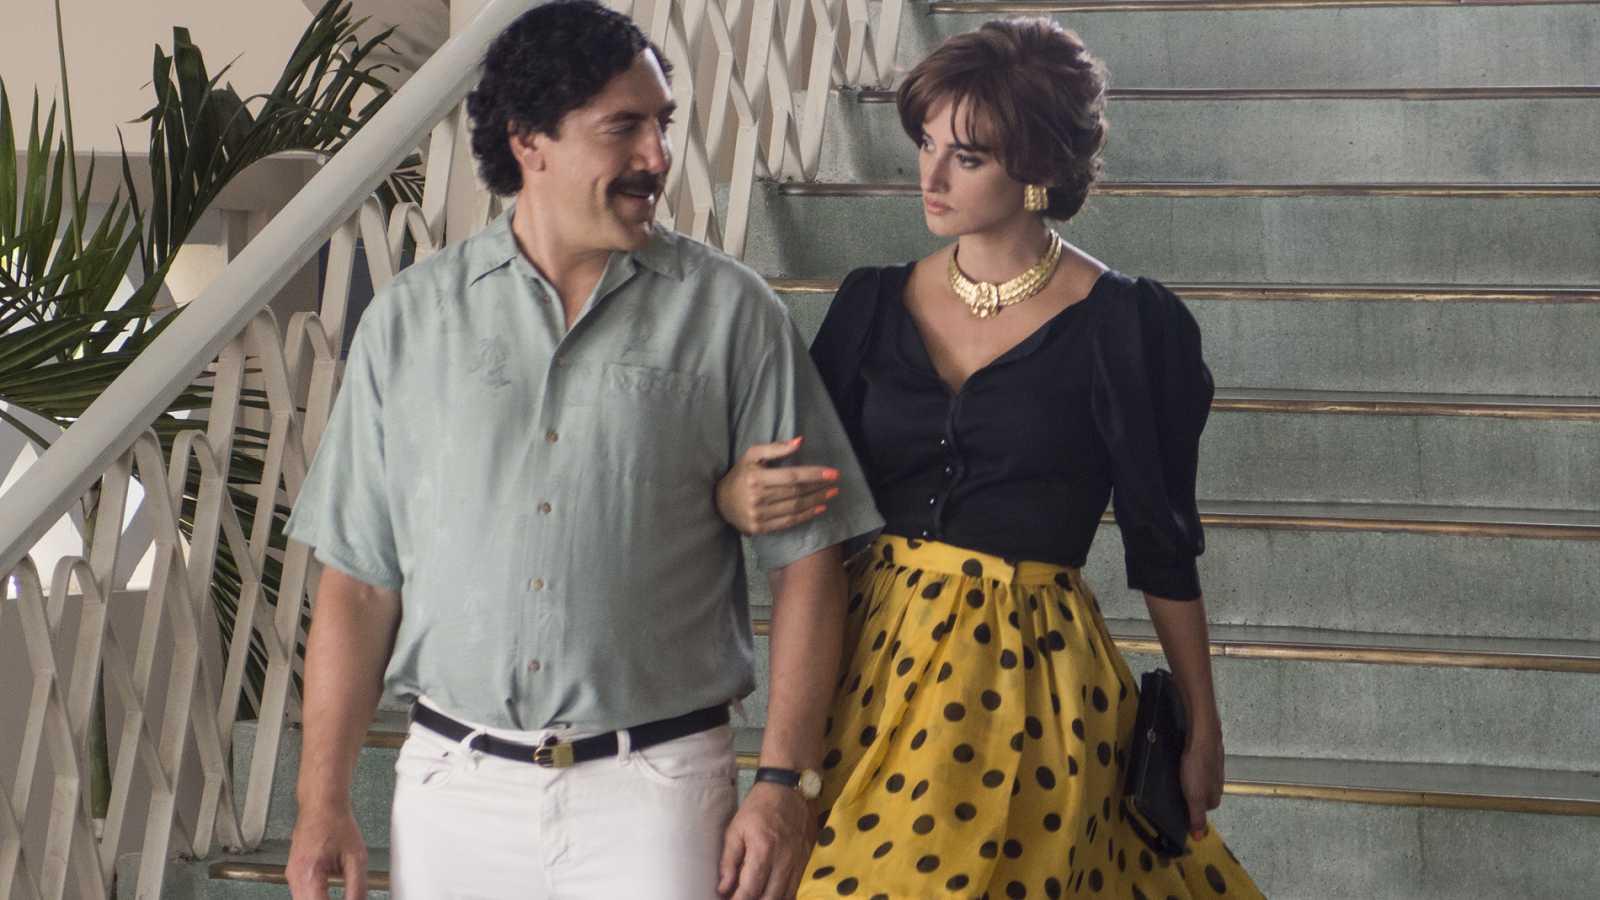 RTVE.es estrena en exclusiva el tráiler de 'Loving Pablo', con Penélope Cruz y Javier Bardem